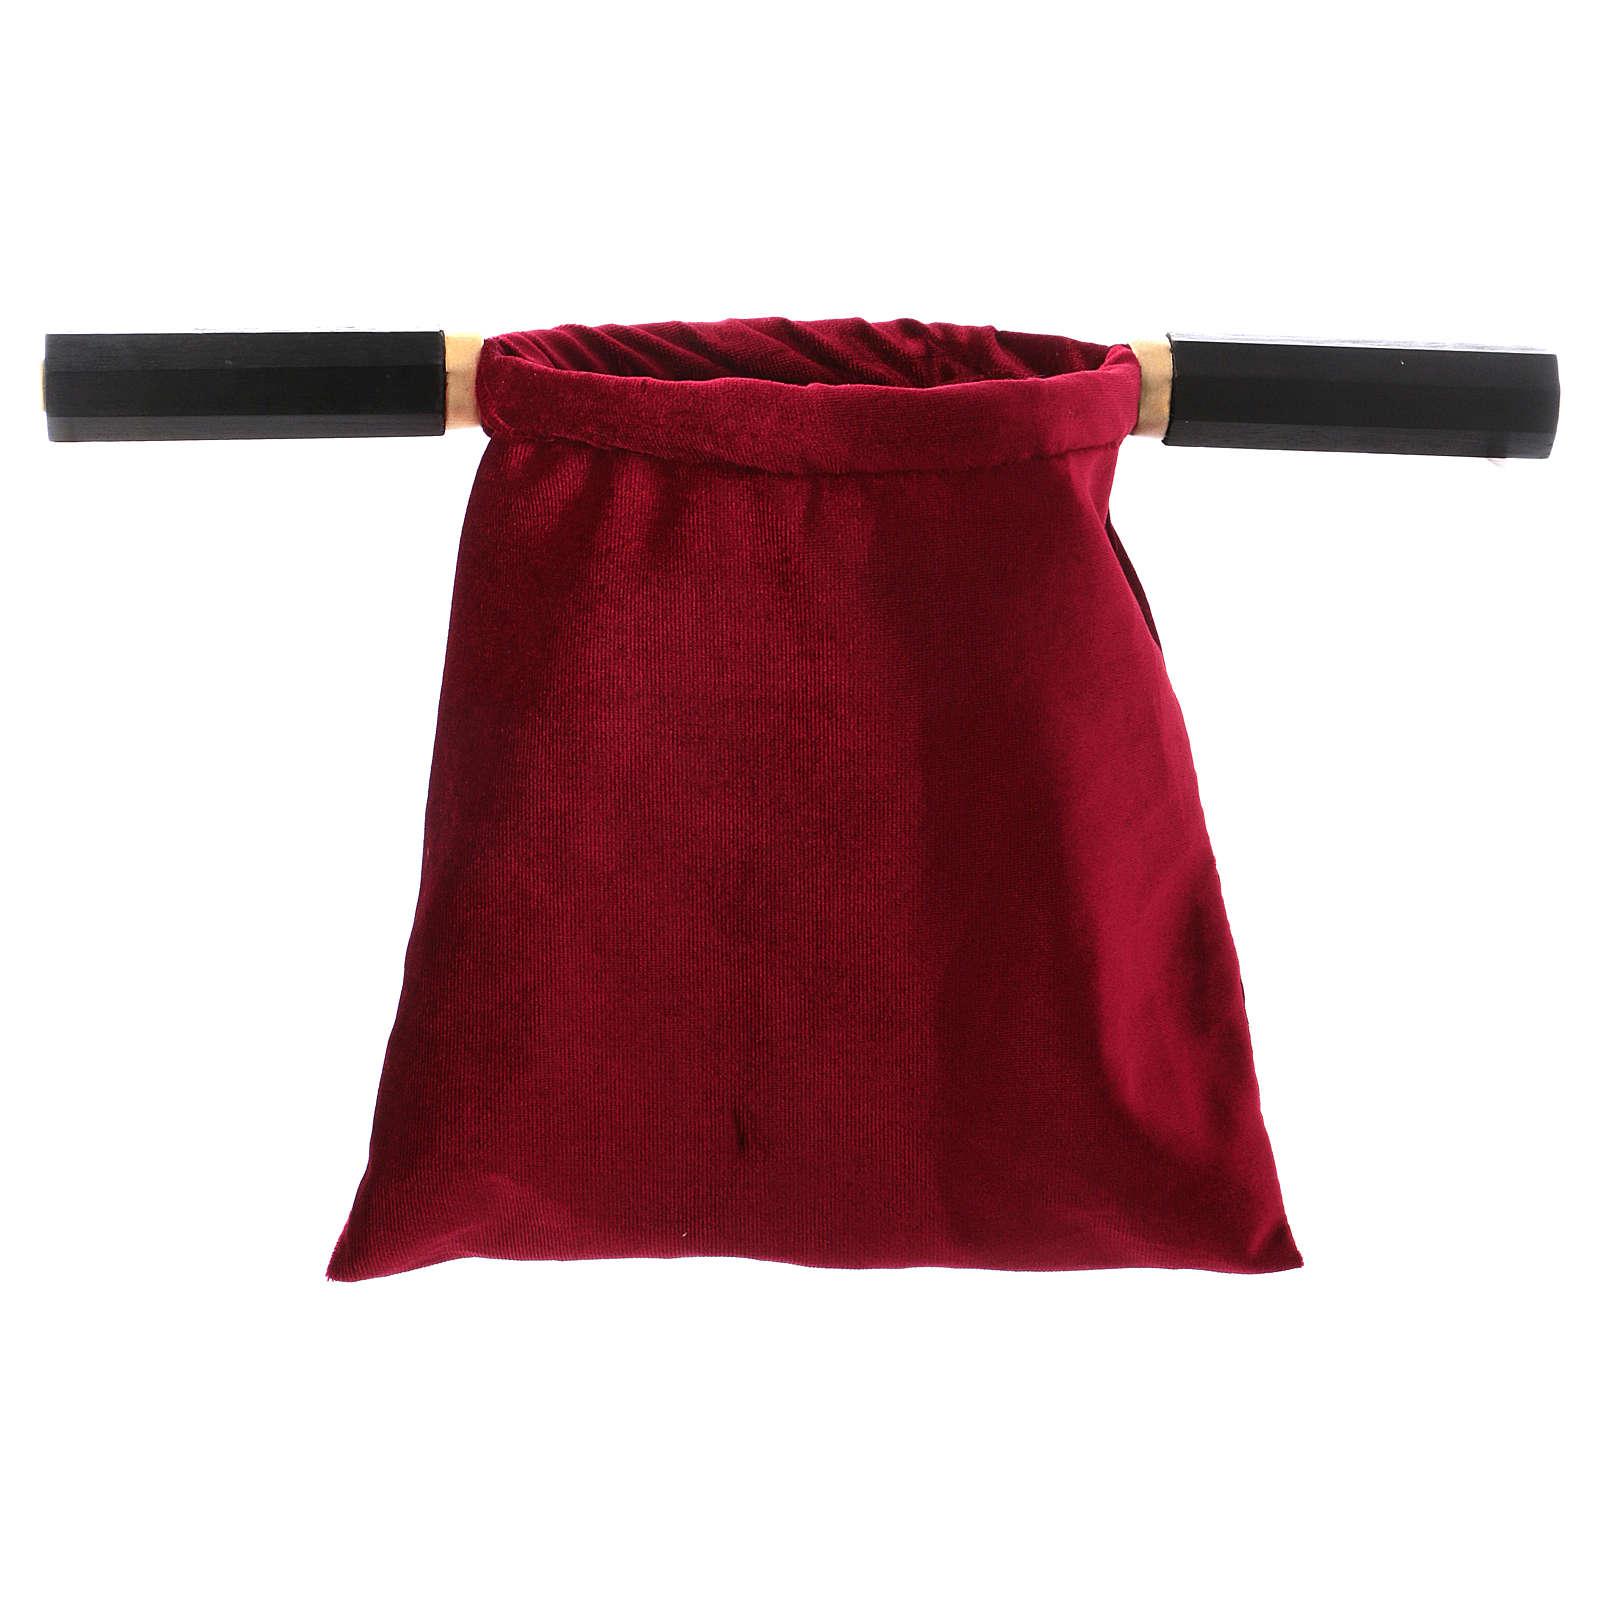 Borsa portaelemosina velluto rosso con due manici  3